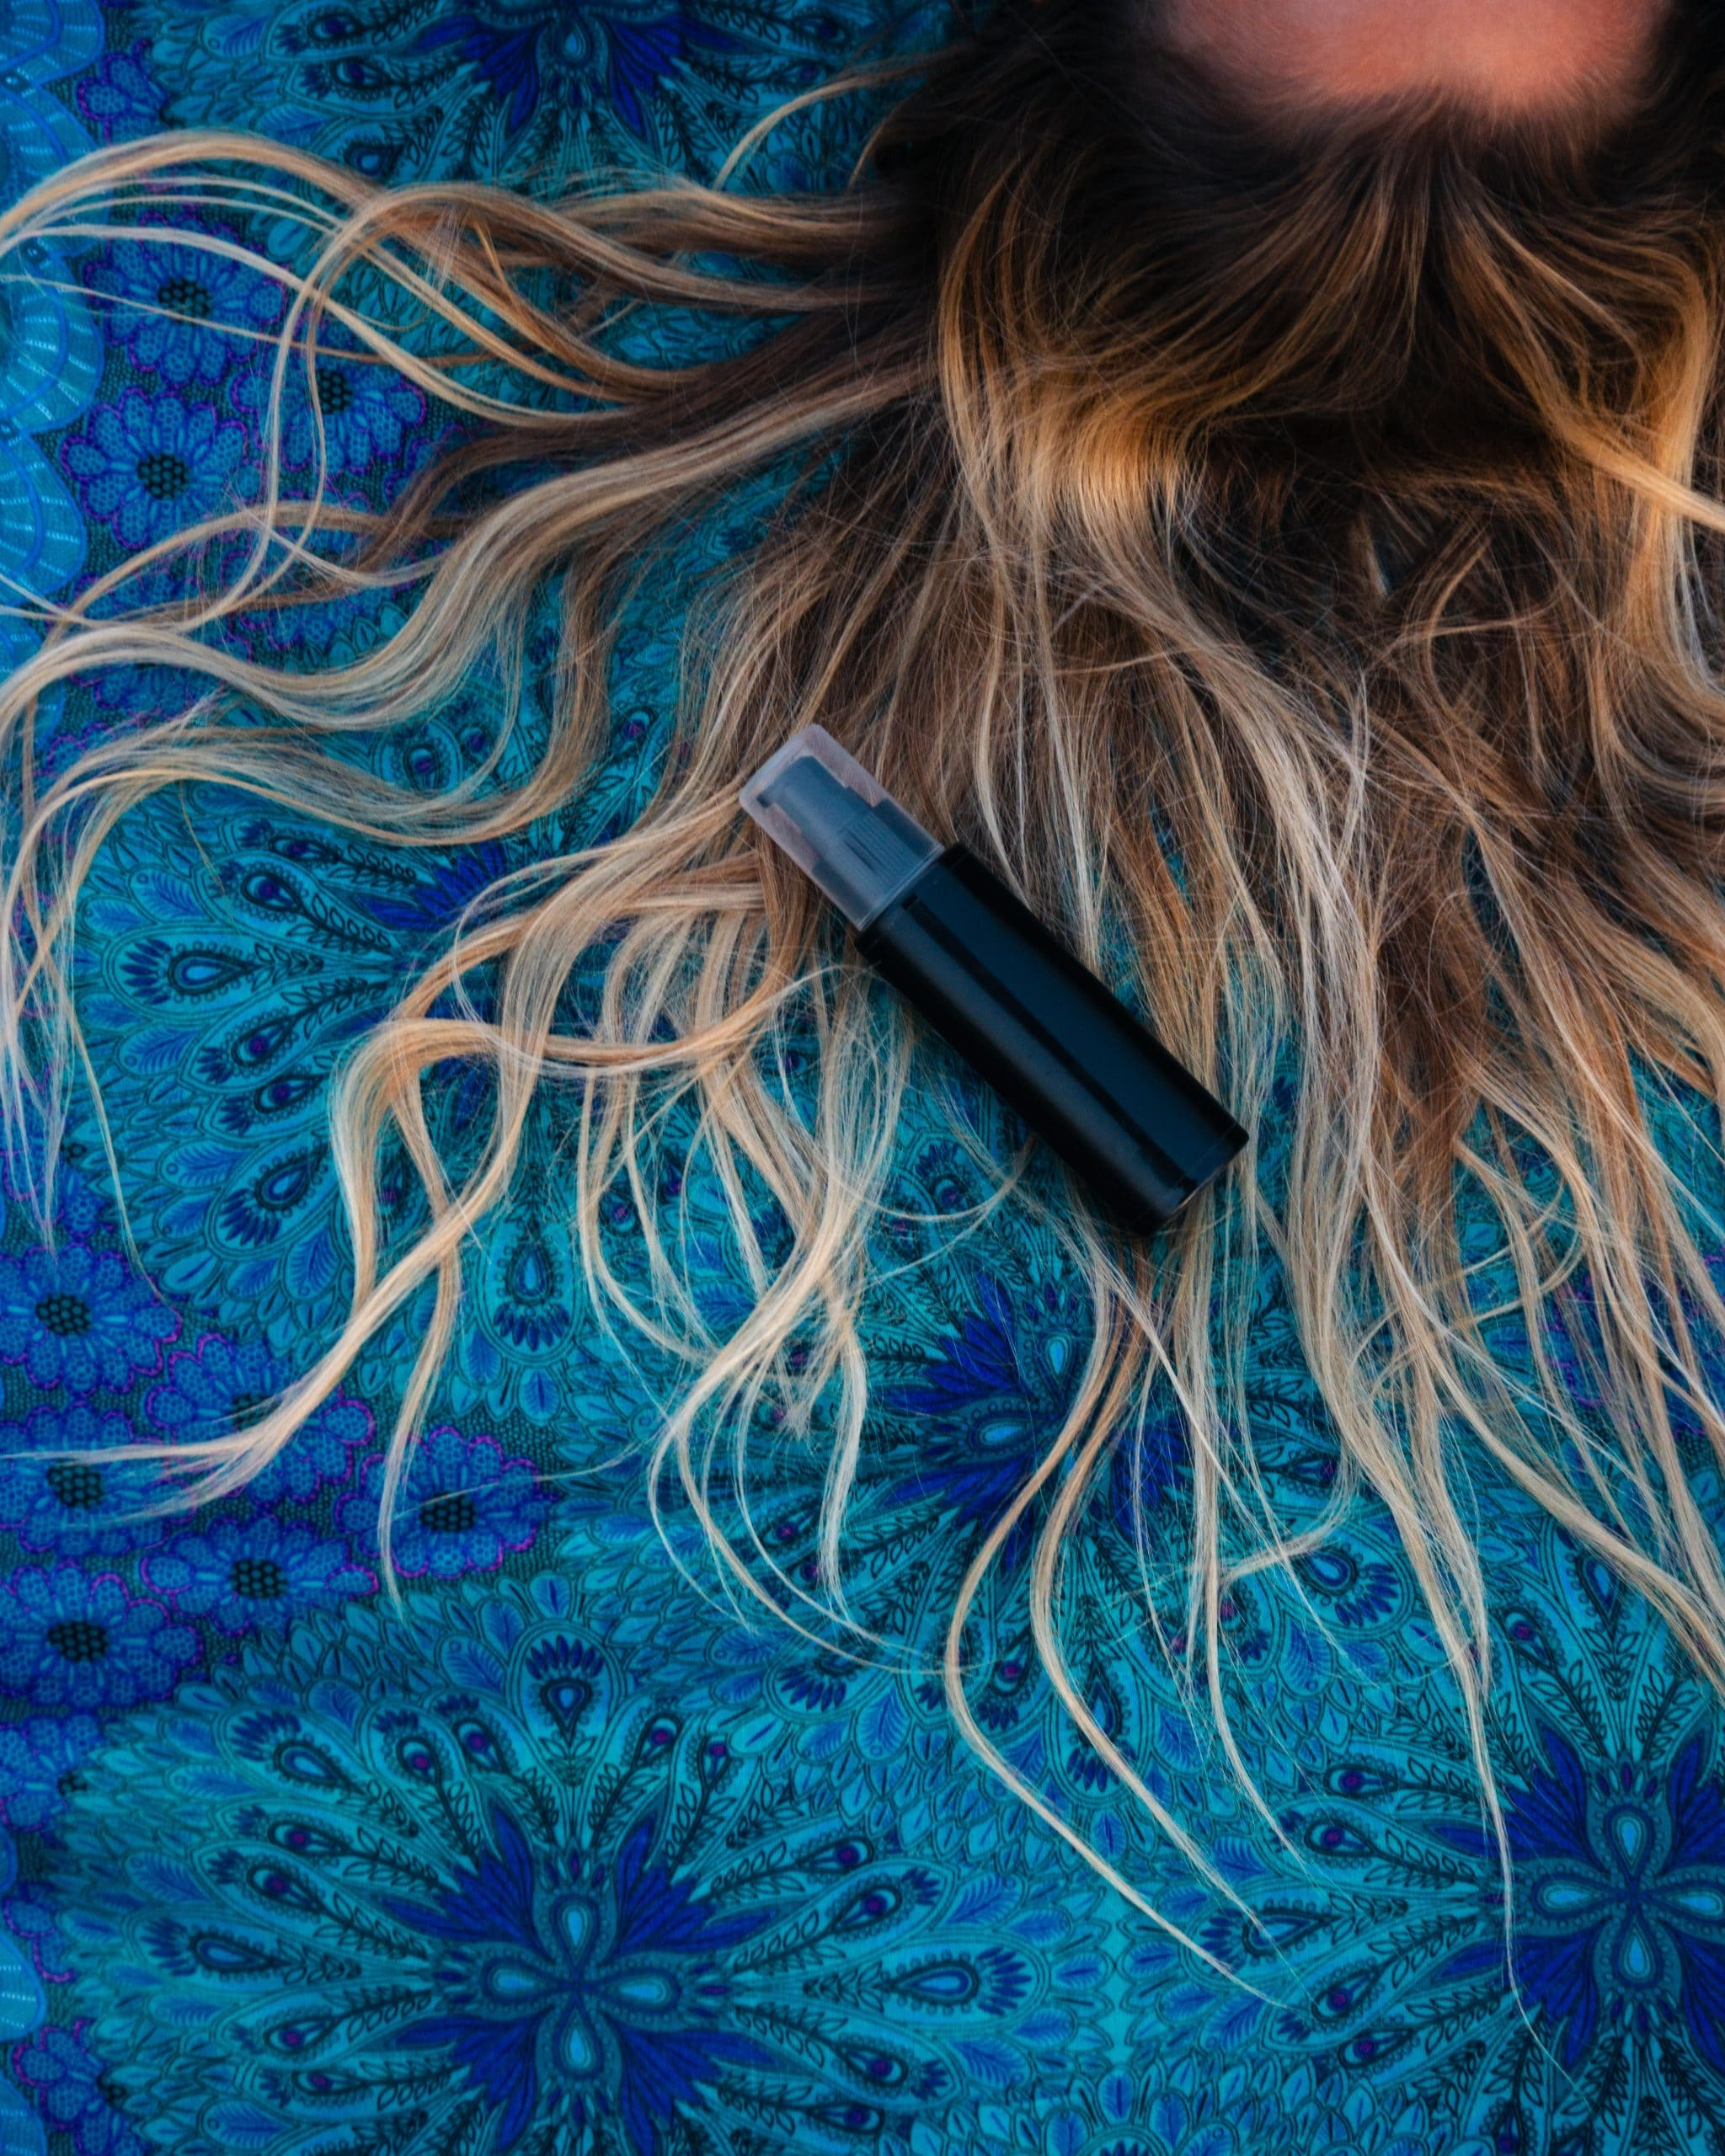 bleach on wet hair